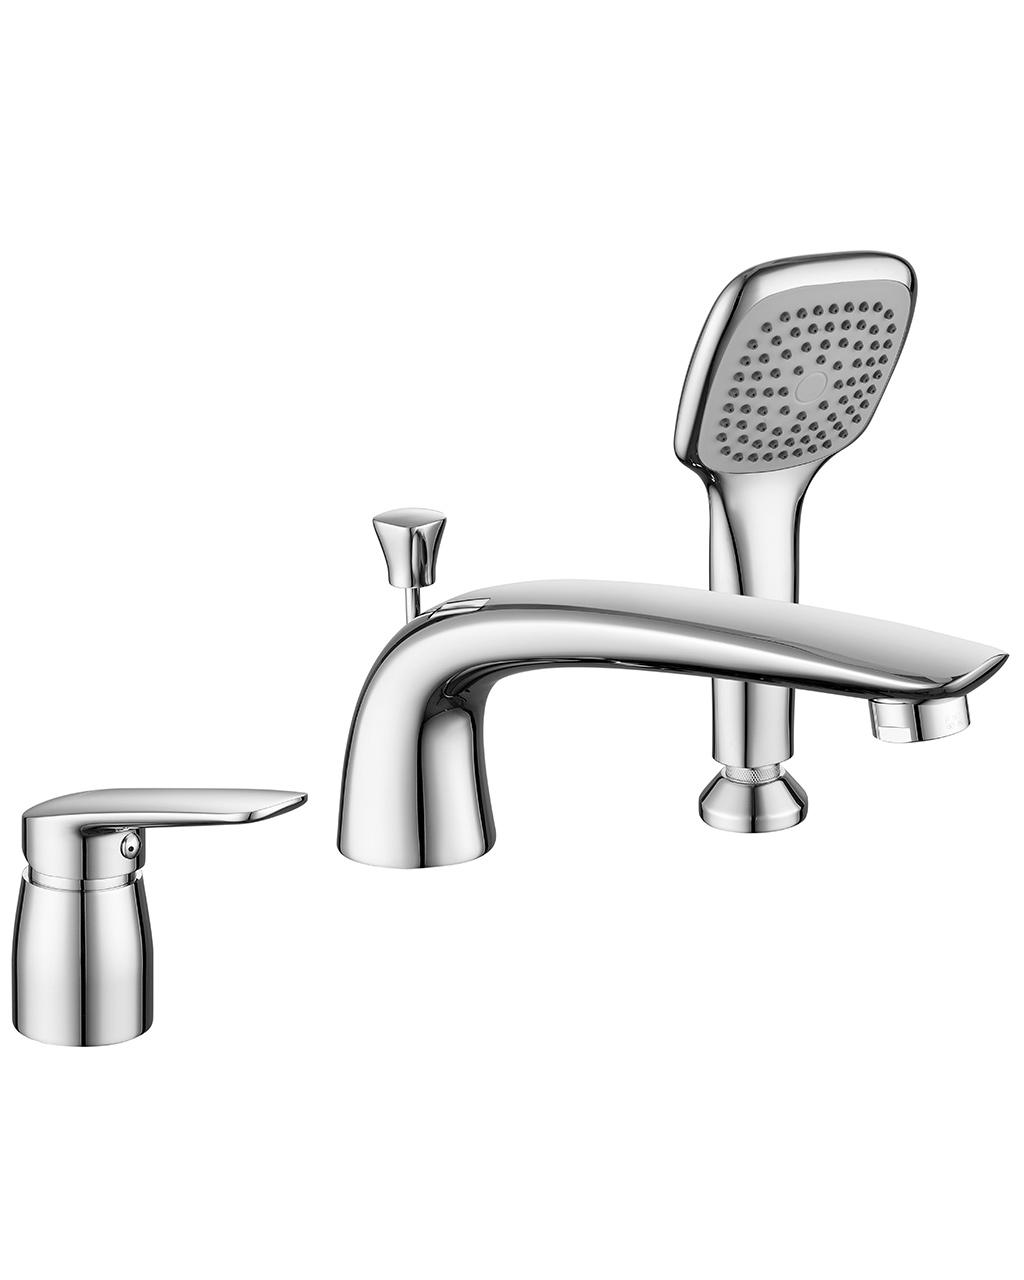 Смеситель Imprese PRAHA new для ванны, врезной, на три отверстия, хром, 35 мм 85030 new